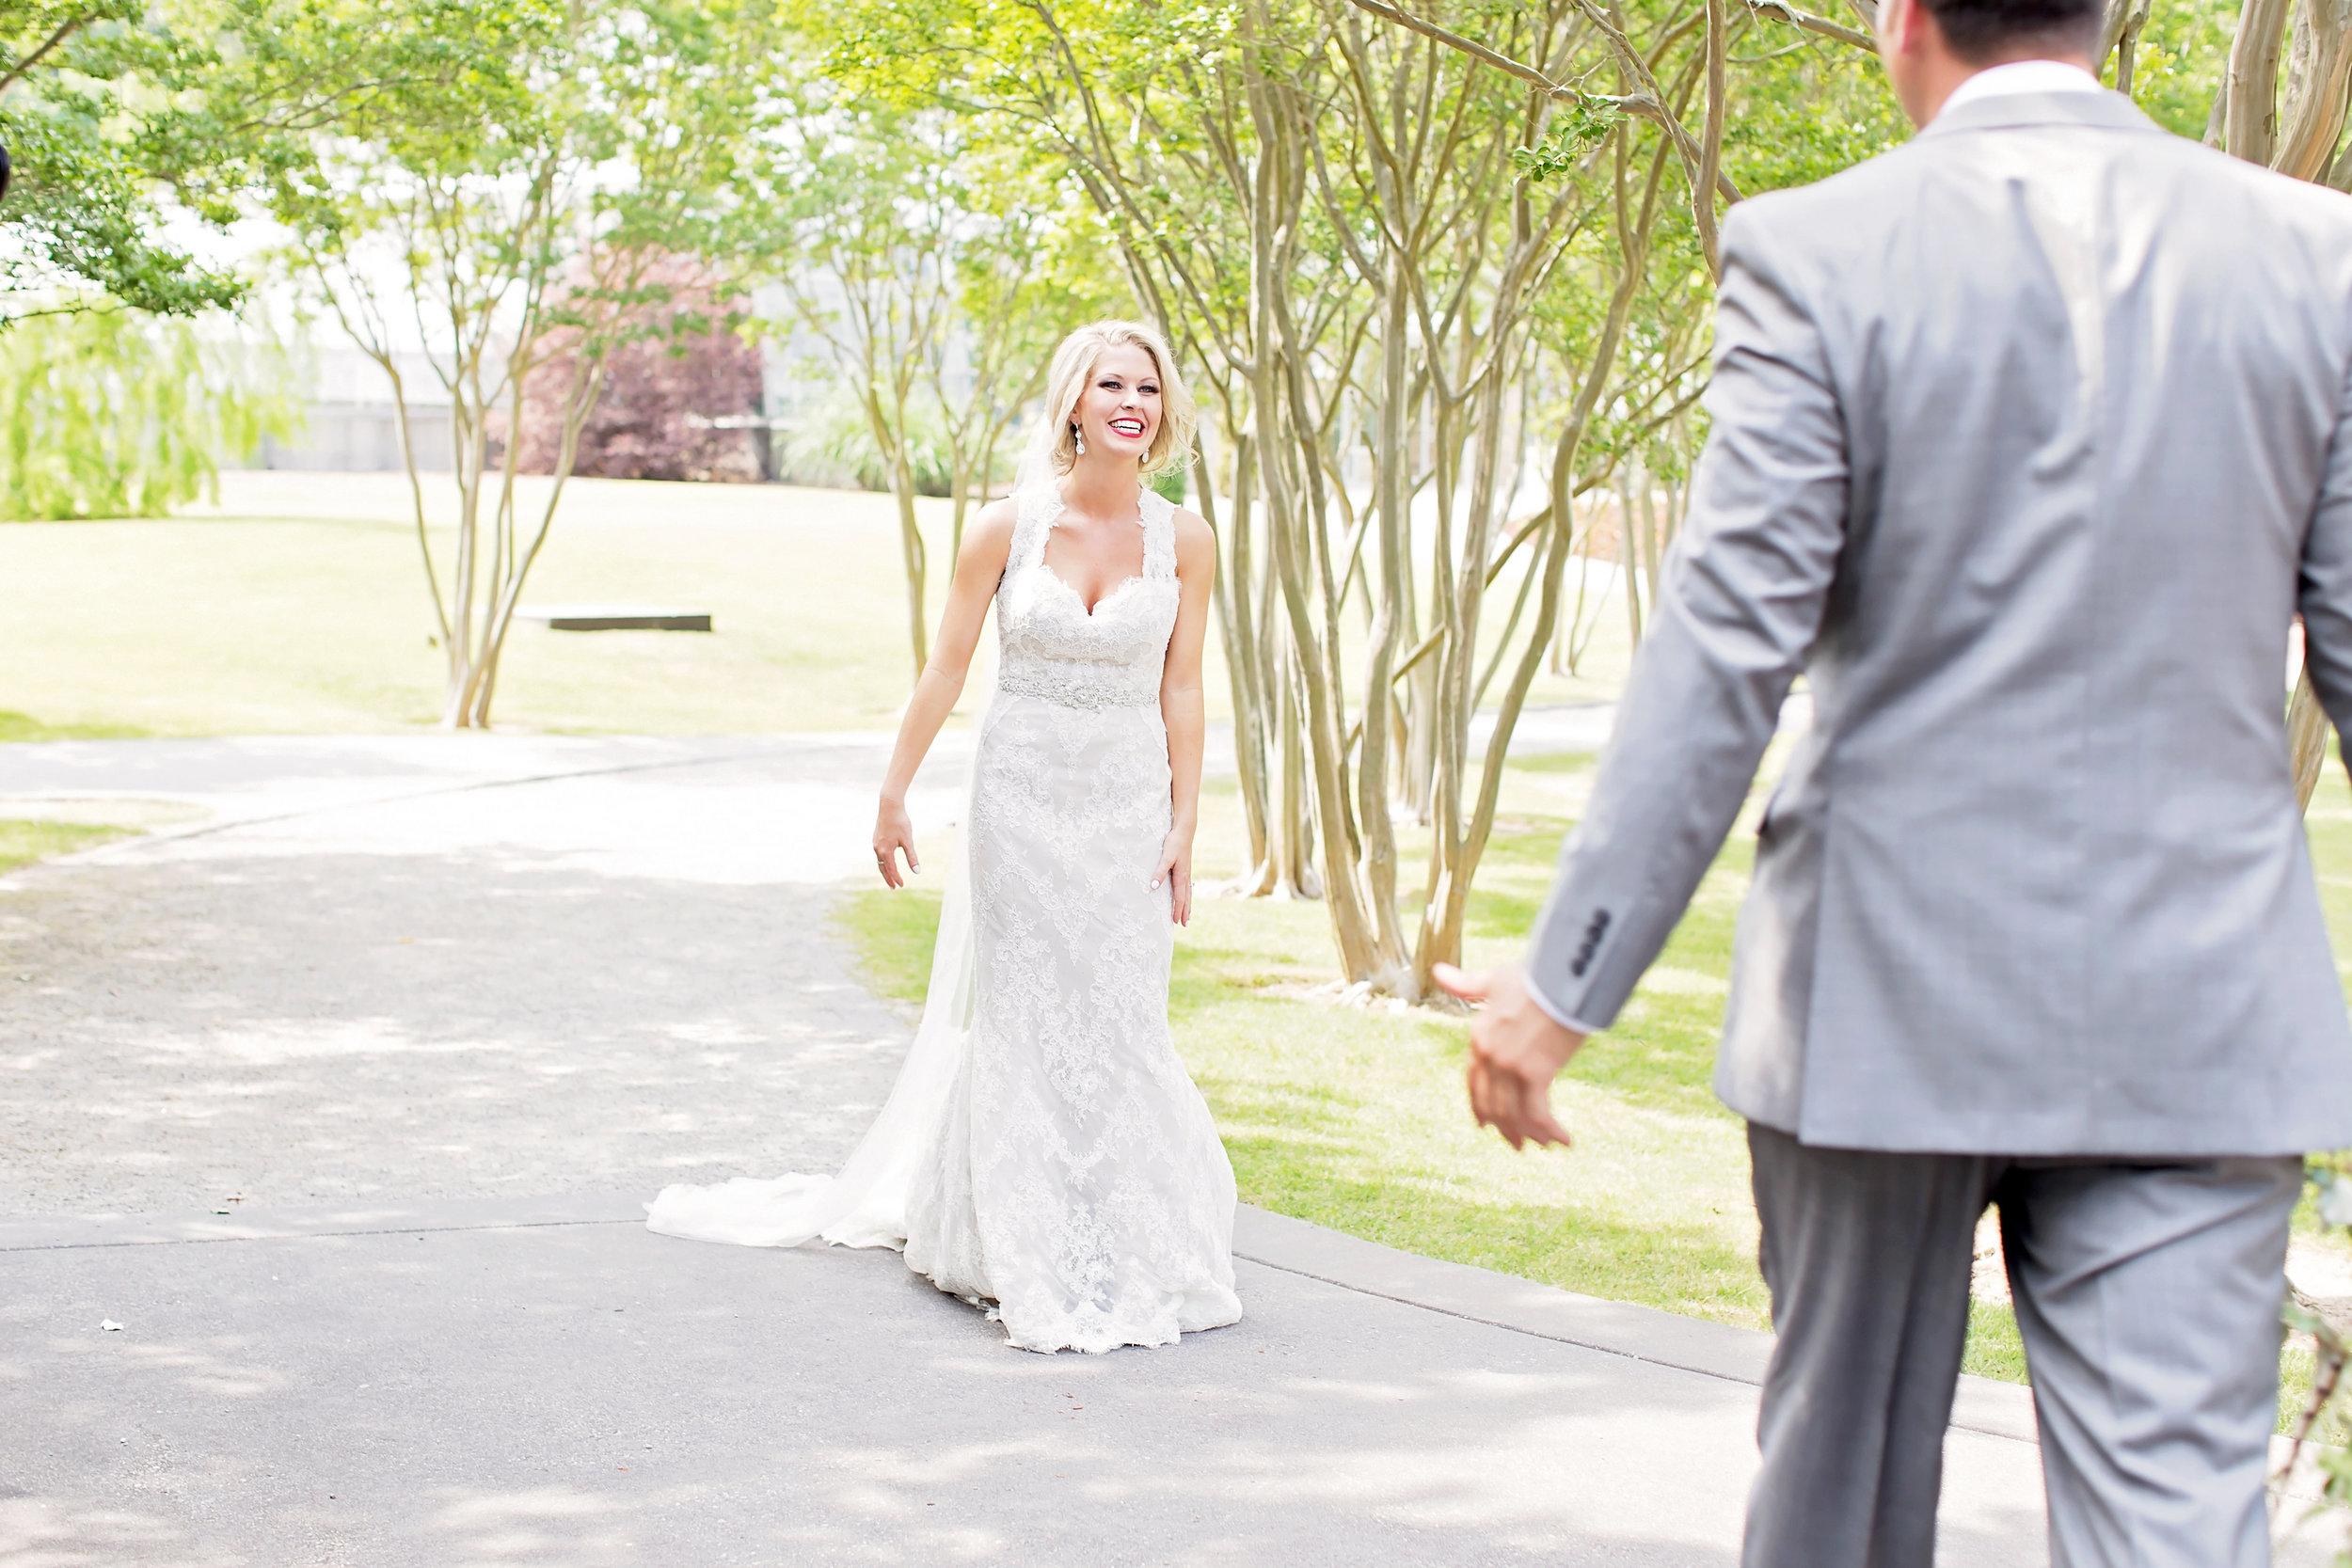 Handey Breaux Designs | Magen Davis Photography | Birmingham Wedding